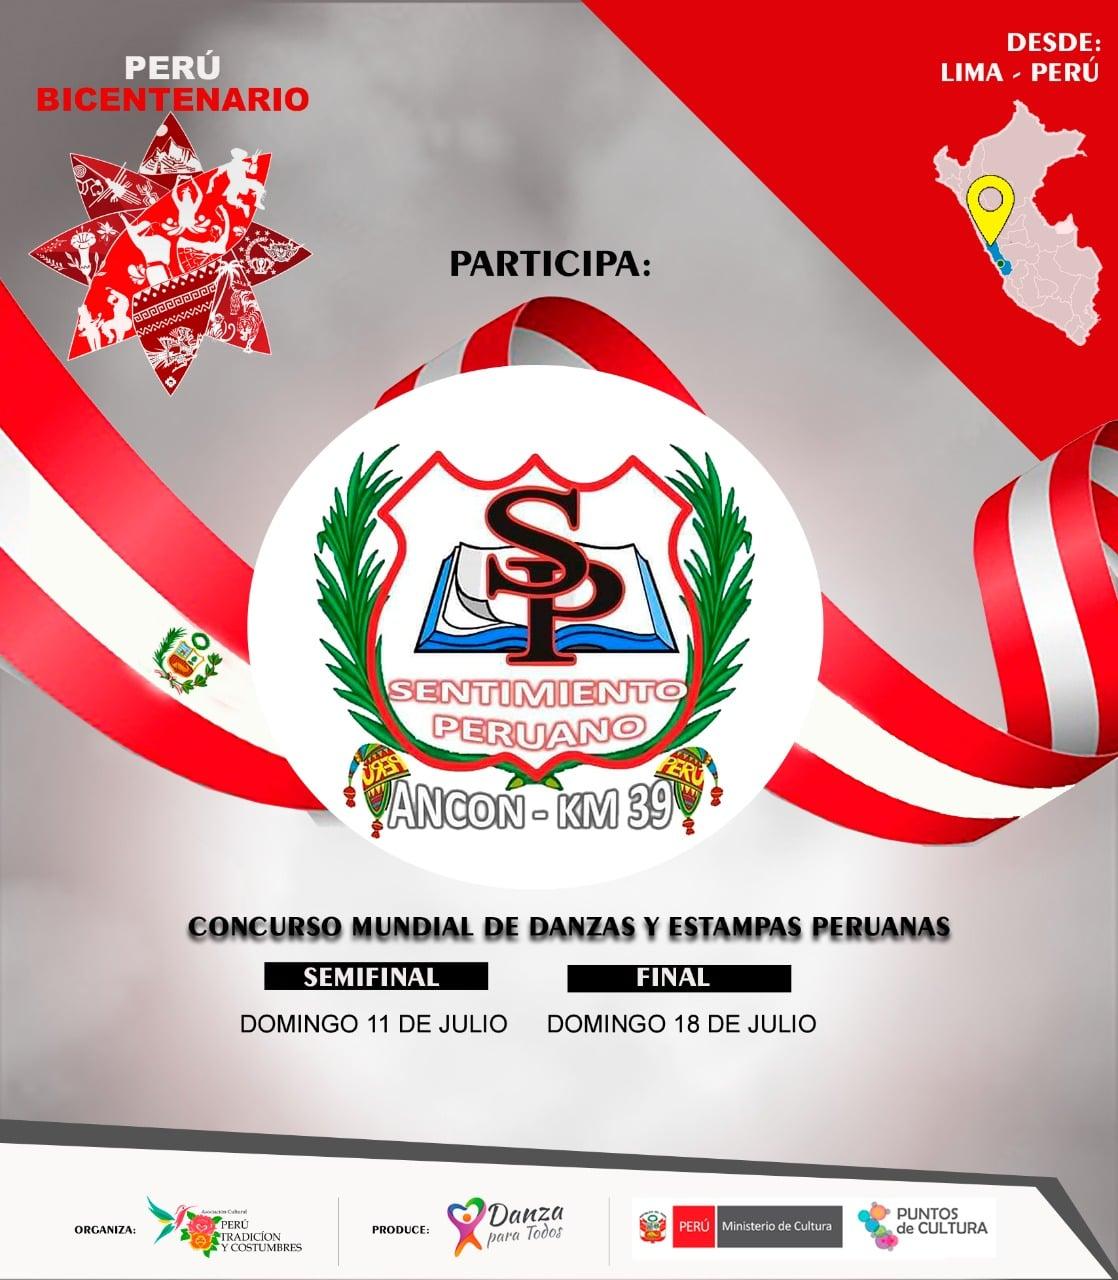 Concurso Mundial de Danzas y Estampas peruanas